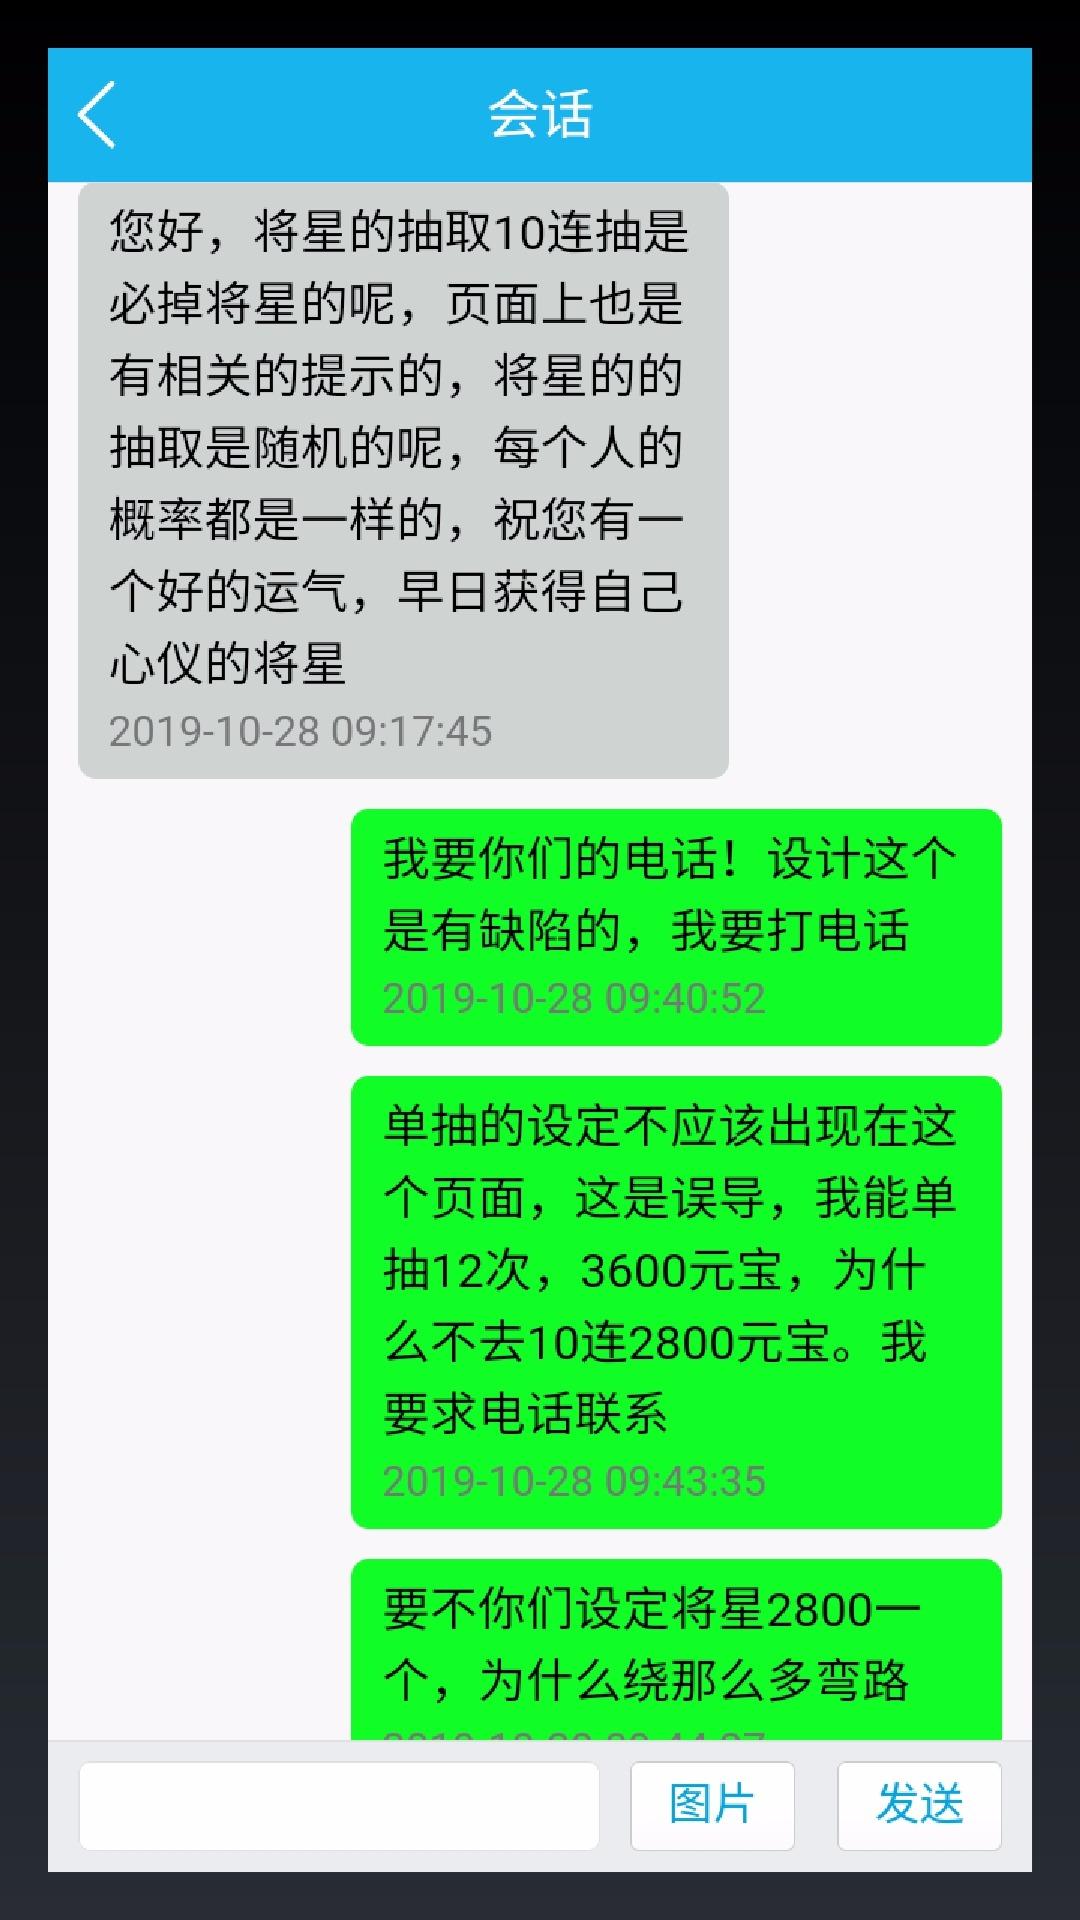 Screenshot_20191028_094751_juedi.tatuyin.rxsg.huawei.jpg